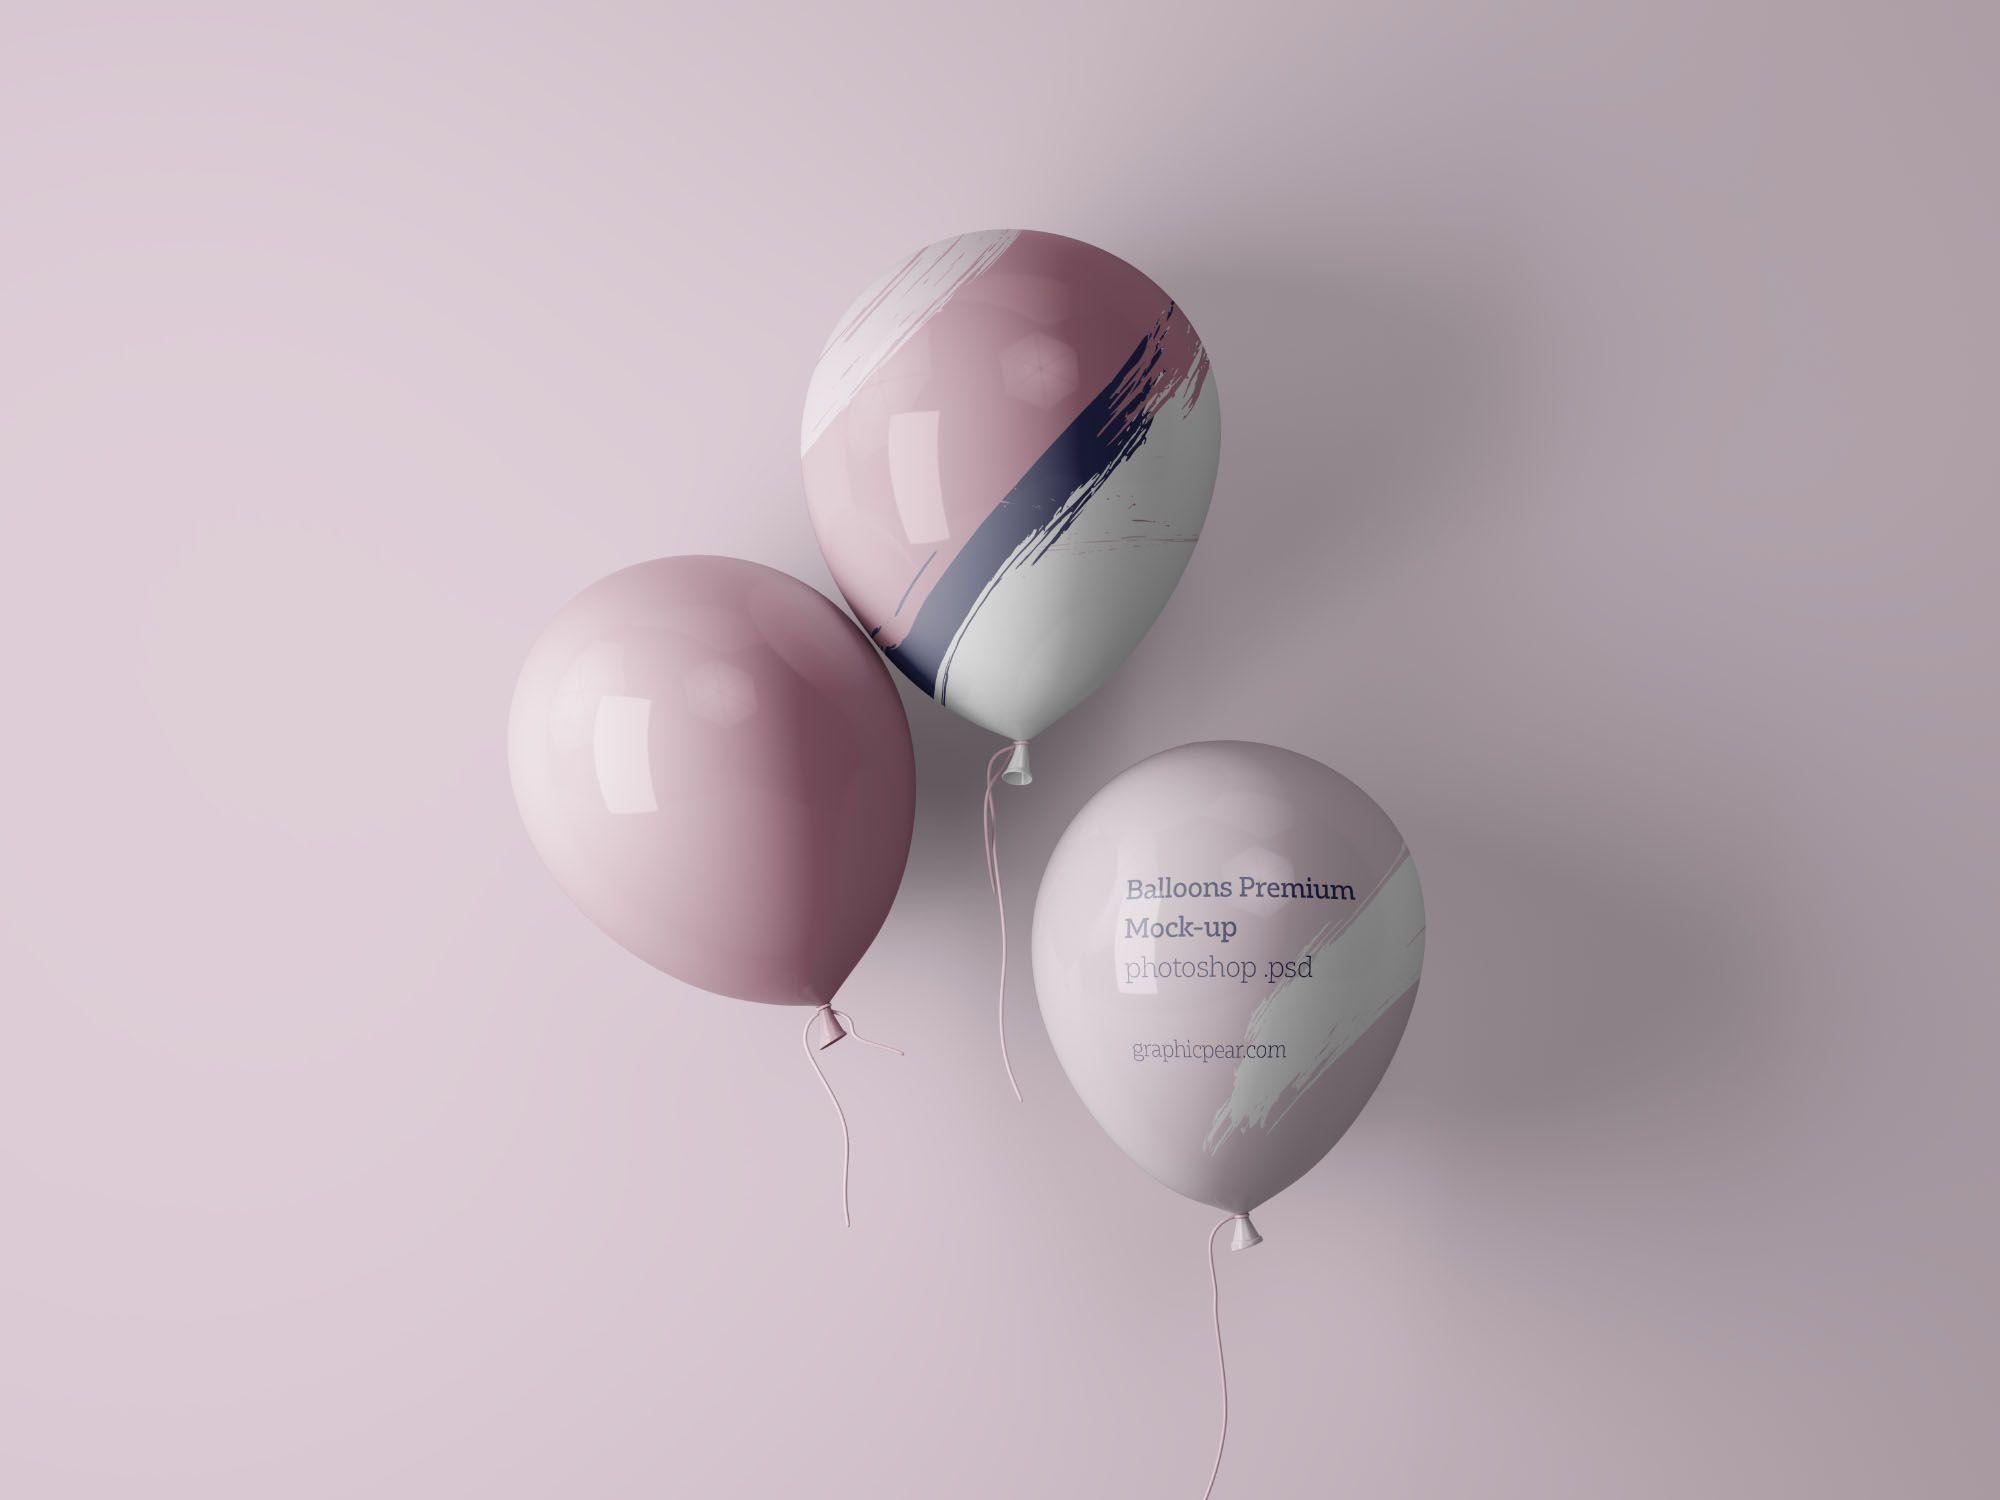 Balloons Mockup Psd Mockup Mockup Free Psd Mockup Psd